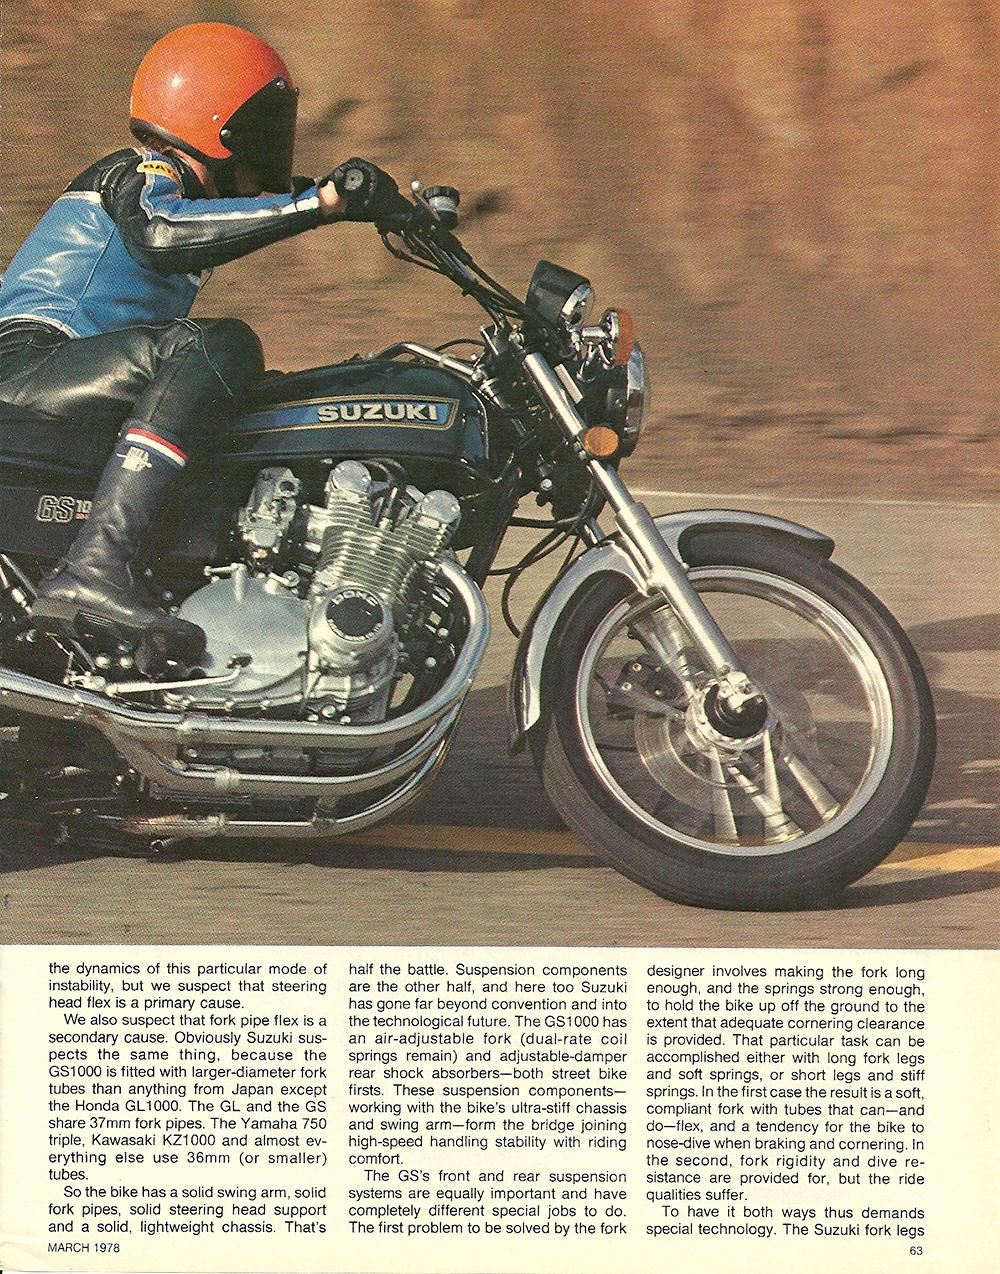 1978 Suzuki GS1000 road test 4.jpg